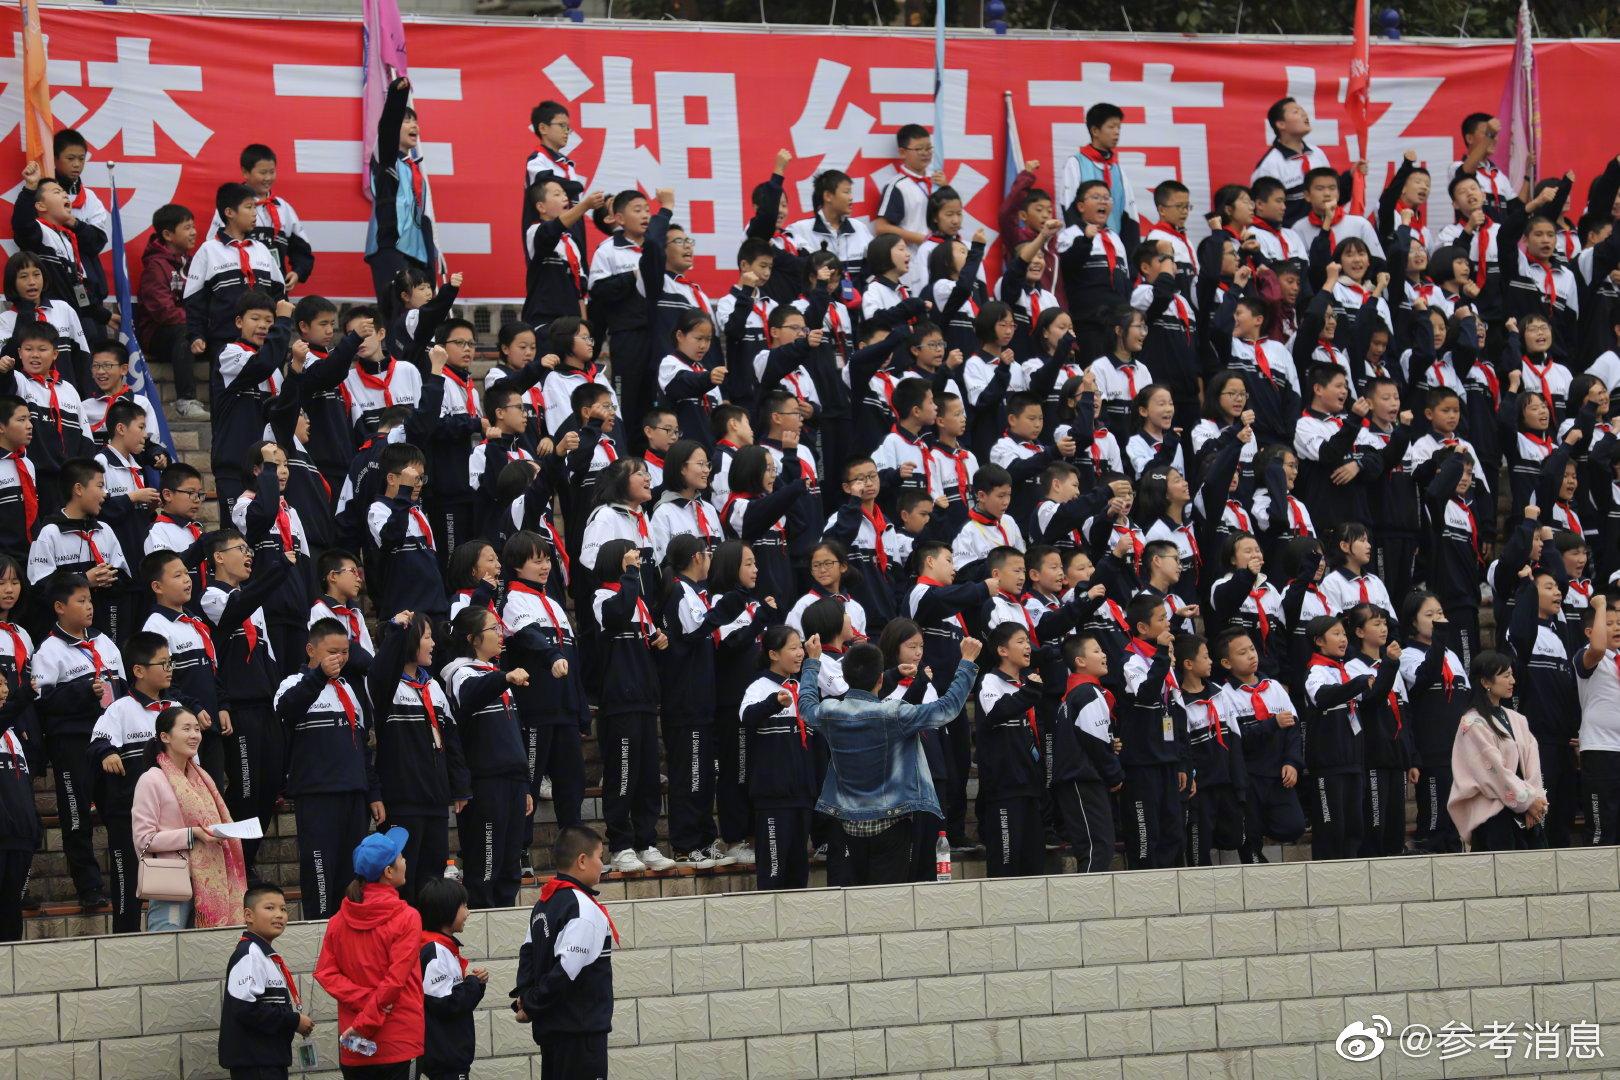 参考消息·萨马兰奇杯2019中国高中足球锦标赛23日下午在湖南长沙麓山